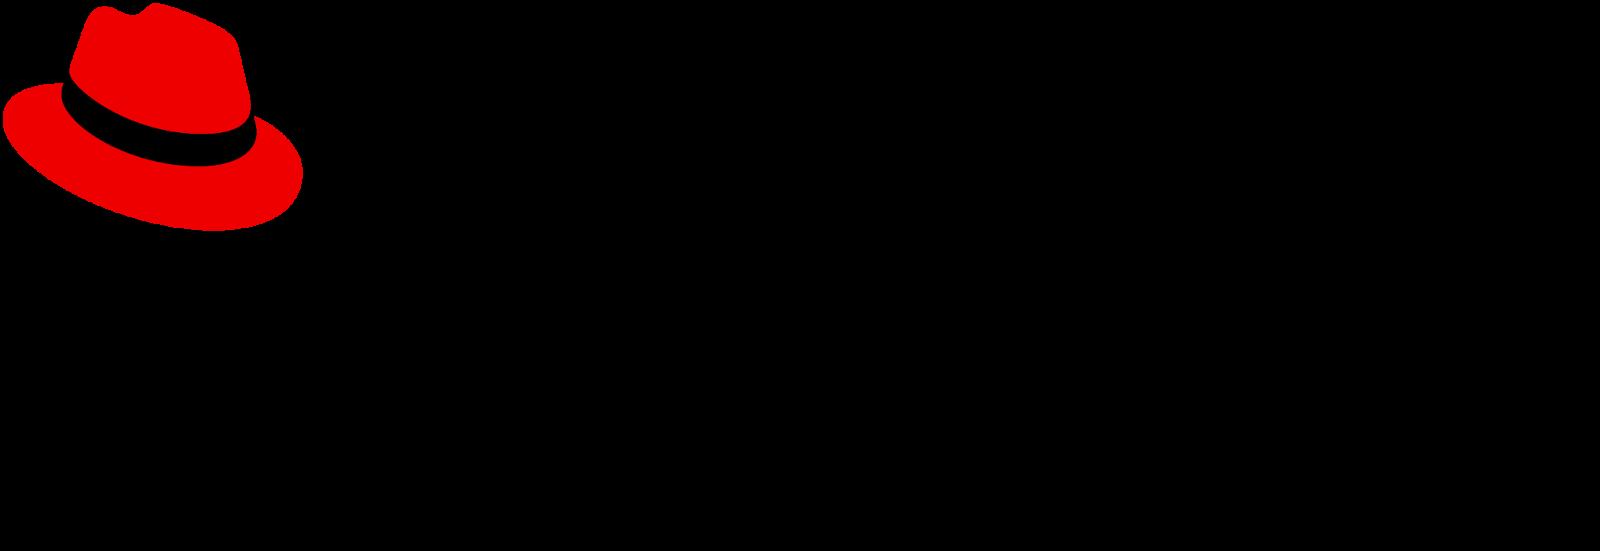 Red Hat OpenShift API Management Logo